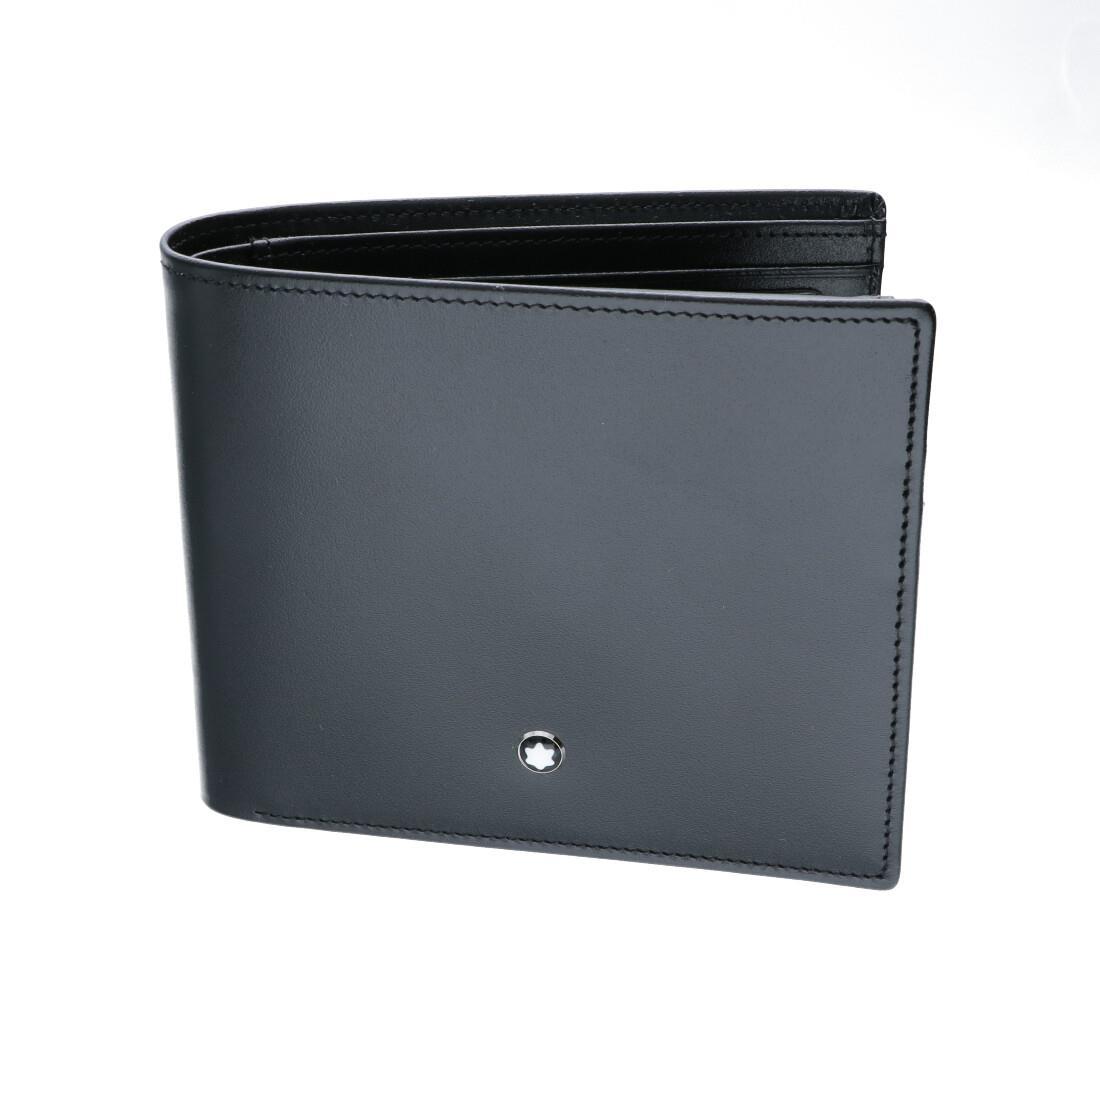 Portafoglio 11 scomparti per carte di credito in pelle nera - MONTBLANC